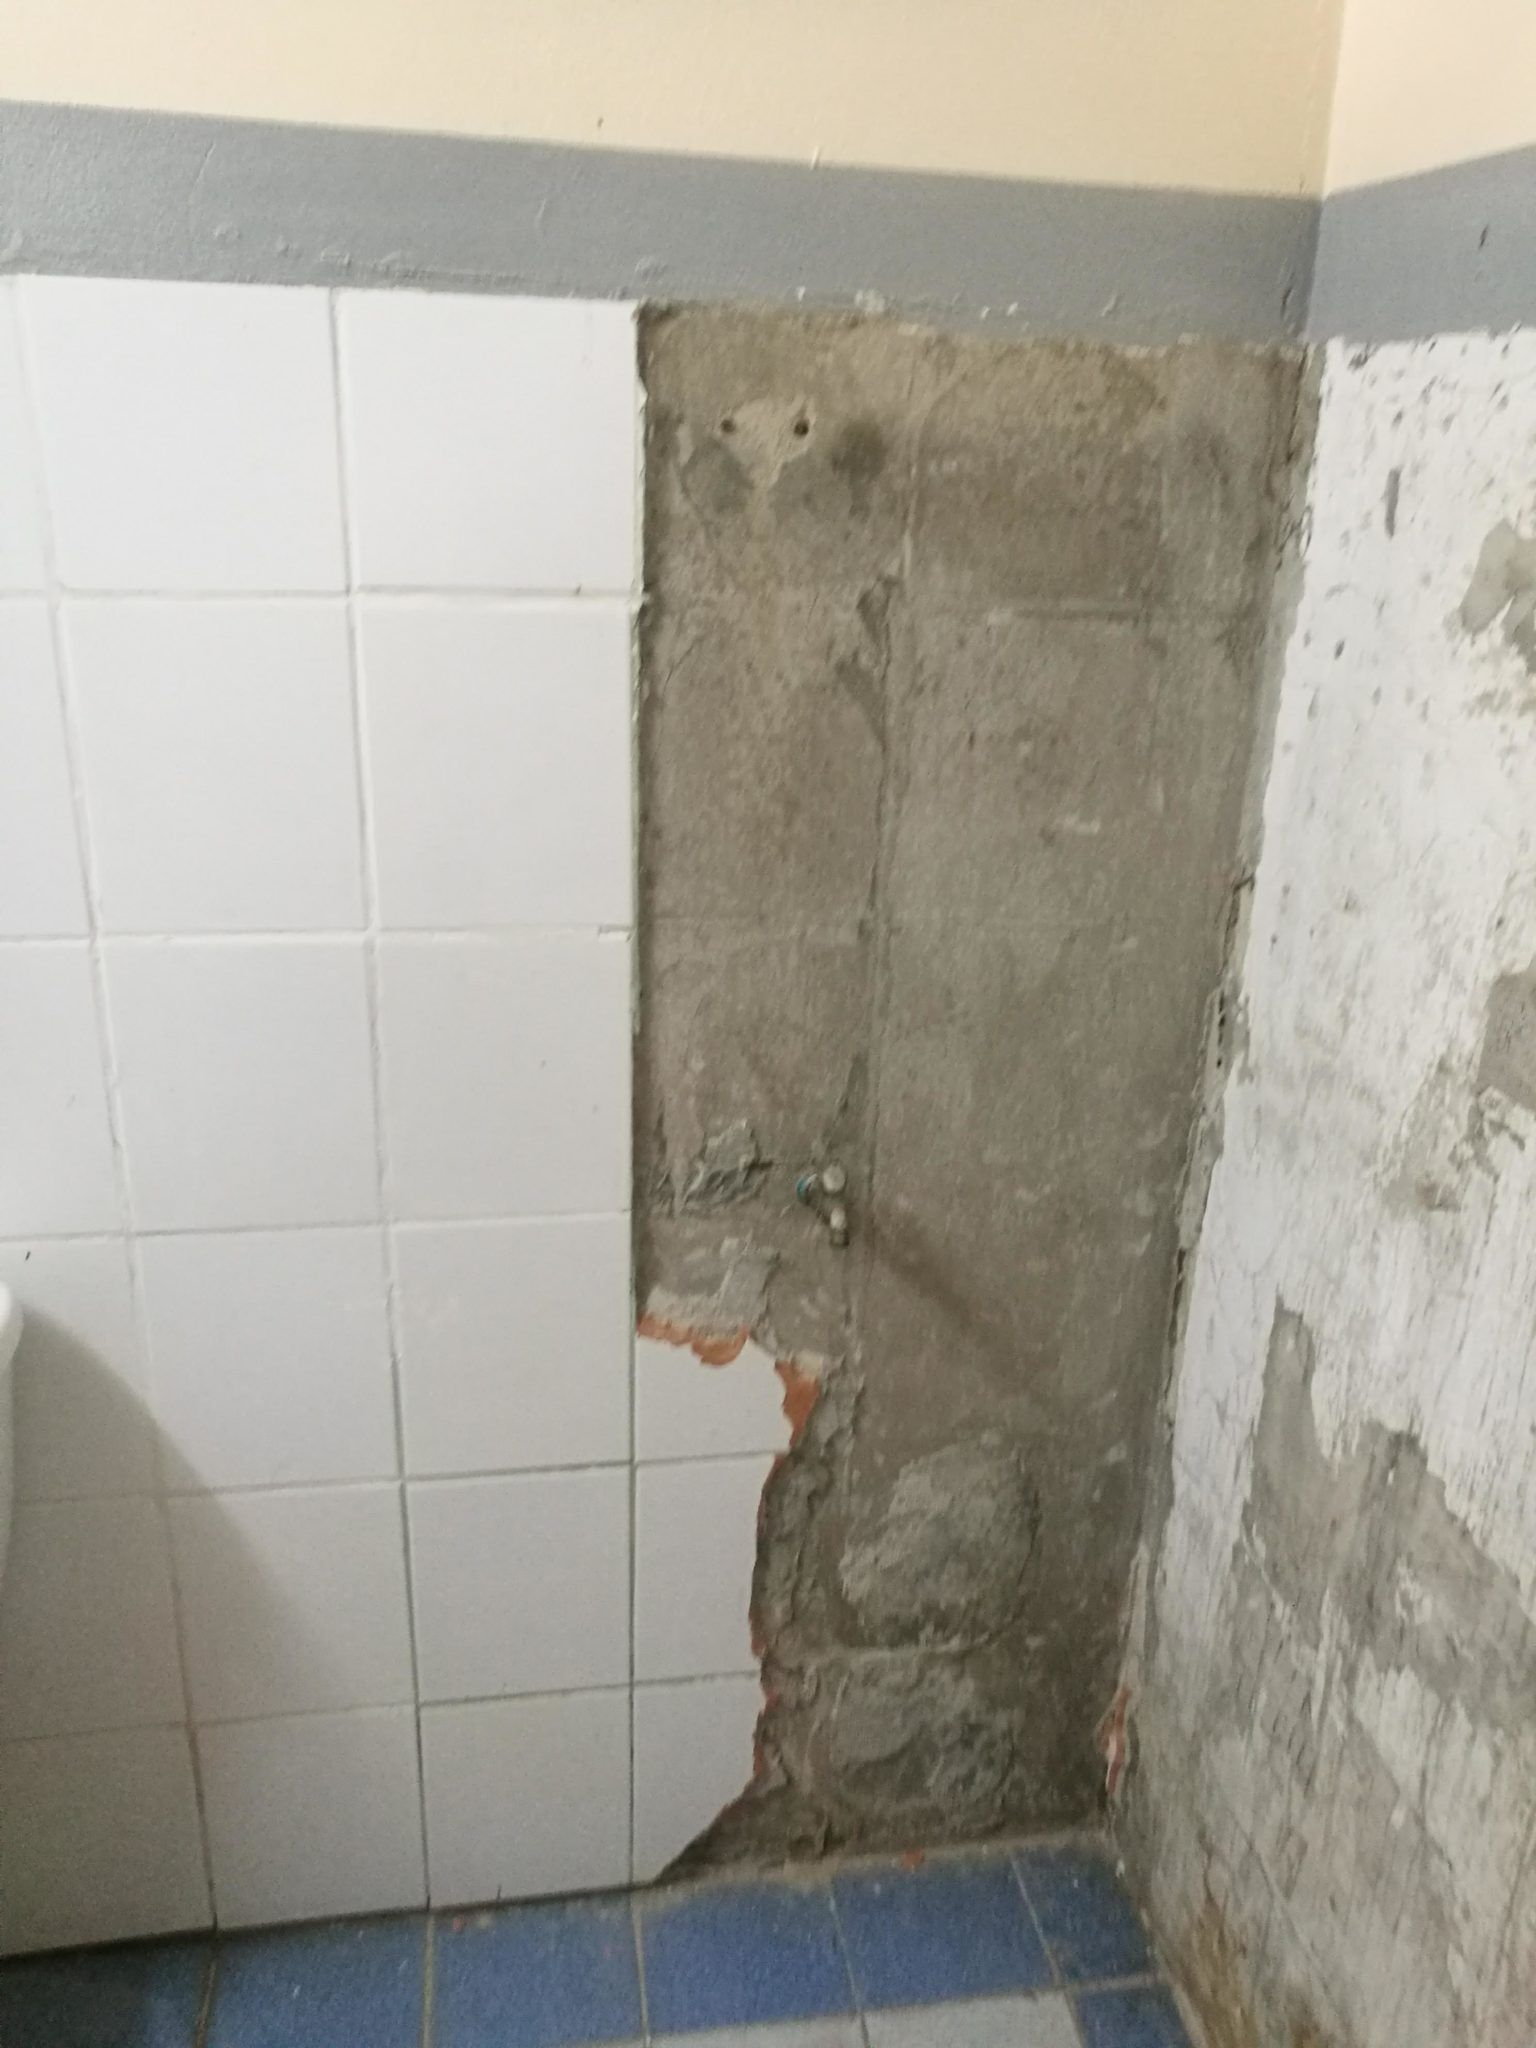 ร โนเวทห องน ำ 30 ป ด วยต วเอง ยากท ส ดค อการร อกระเบ องแผ นแรก By Phantomnot Ihome108 Shower Shower Curtain Printed Shower Curtain